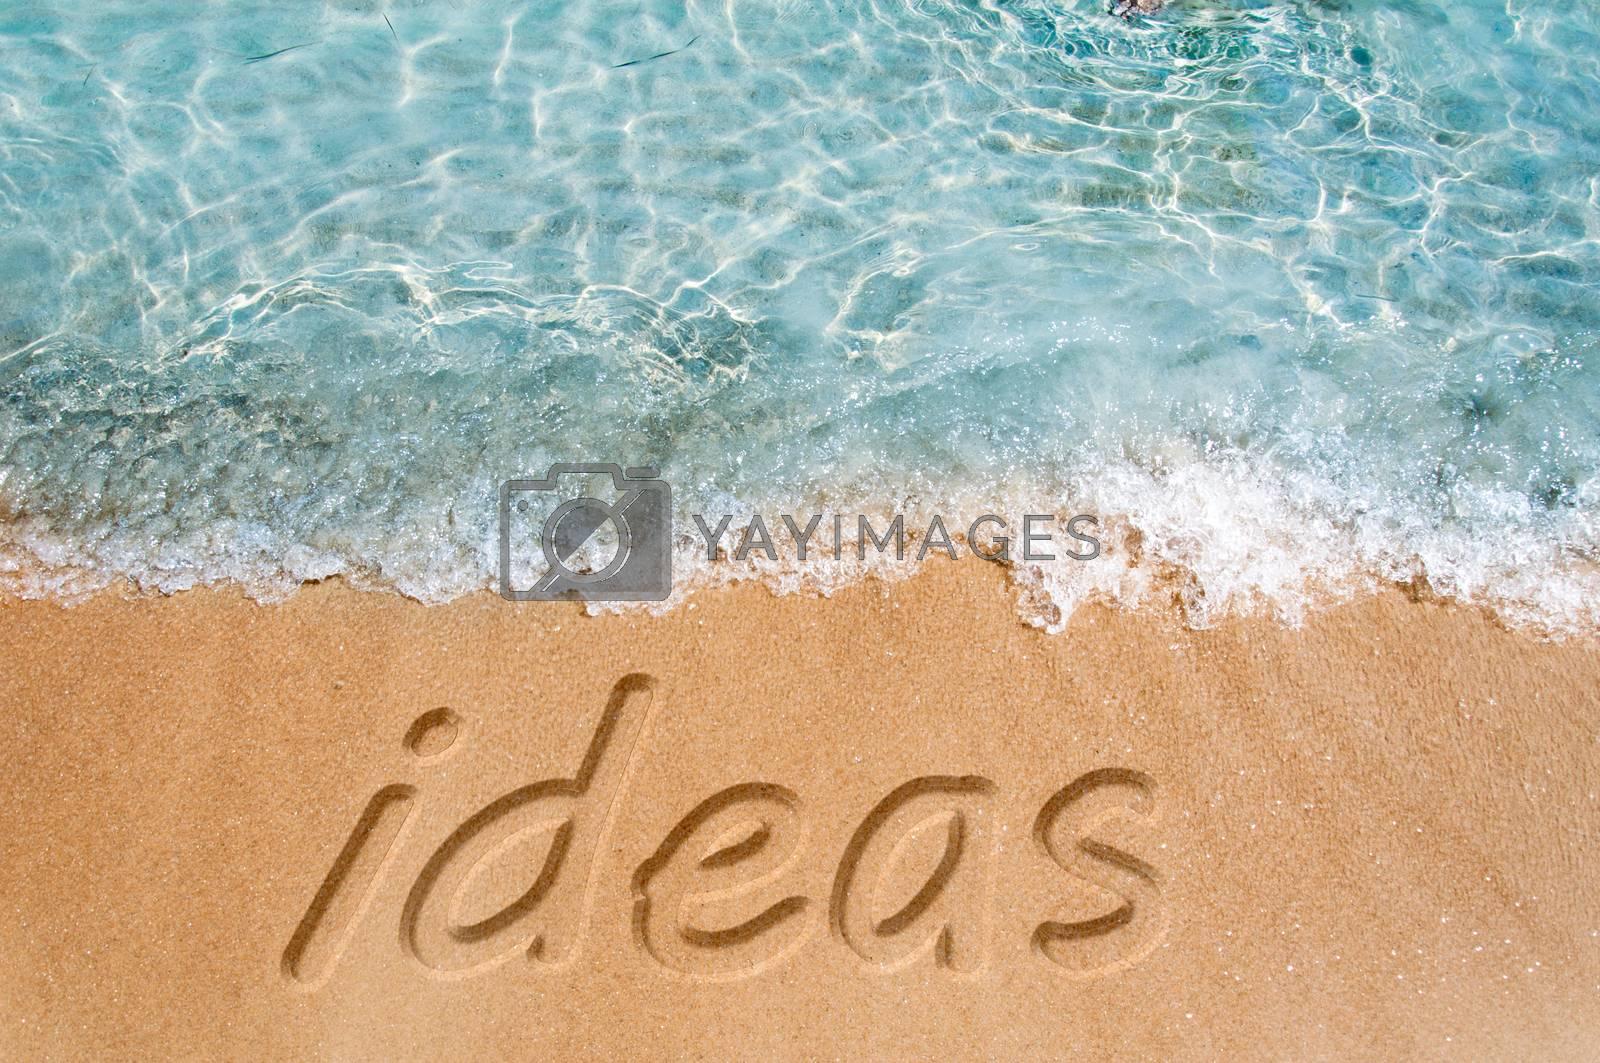 Ideas word sign on the beach sand